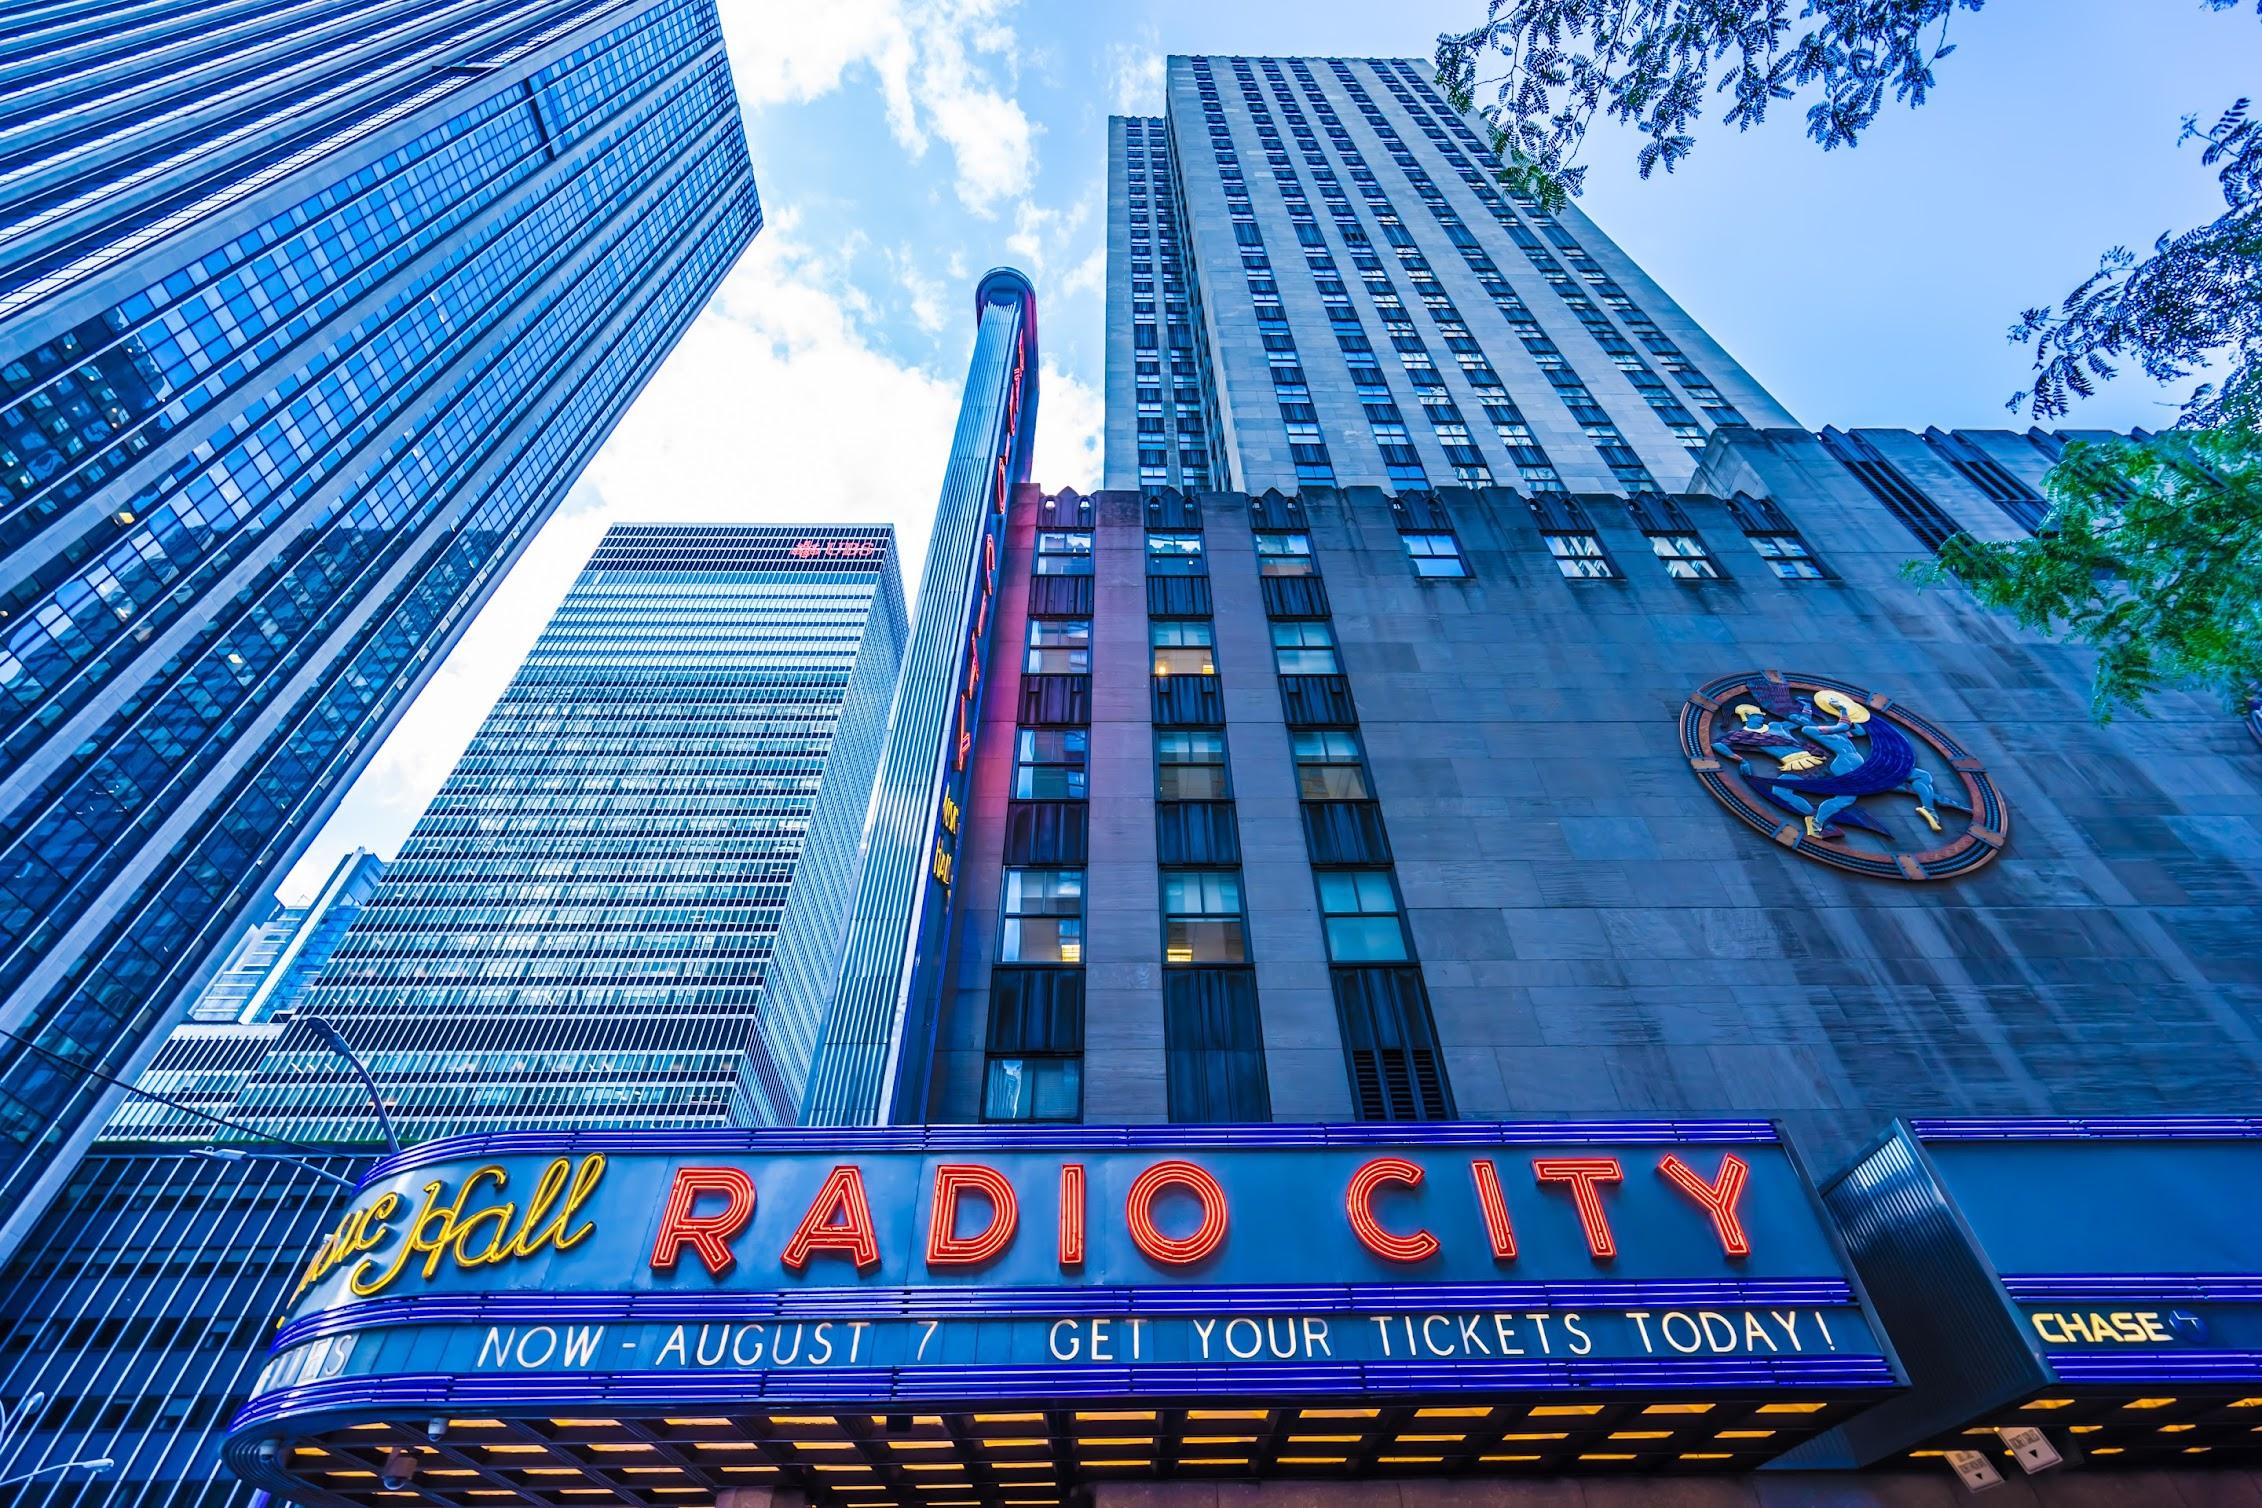 ニューヨーク ロックフェラーセンター ラジオシティ・ミュージックホール2